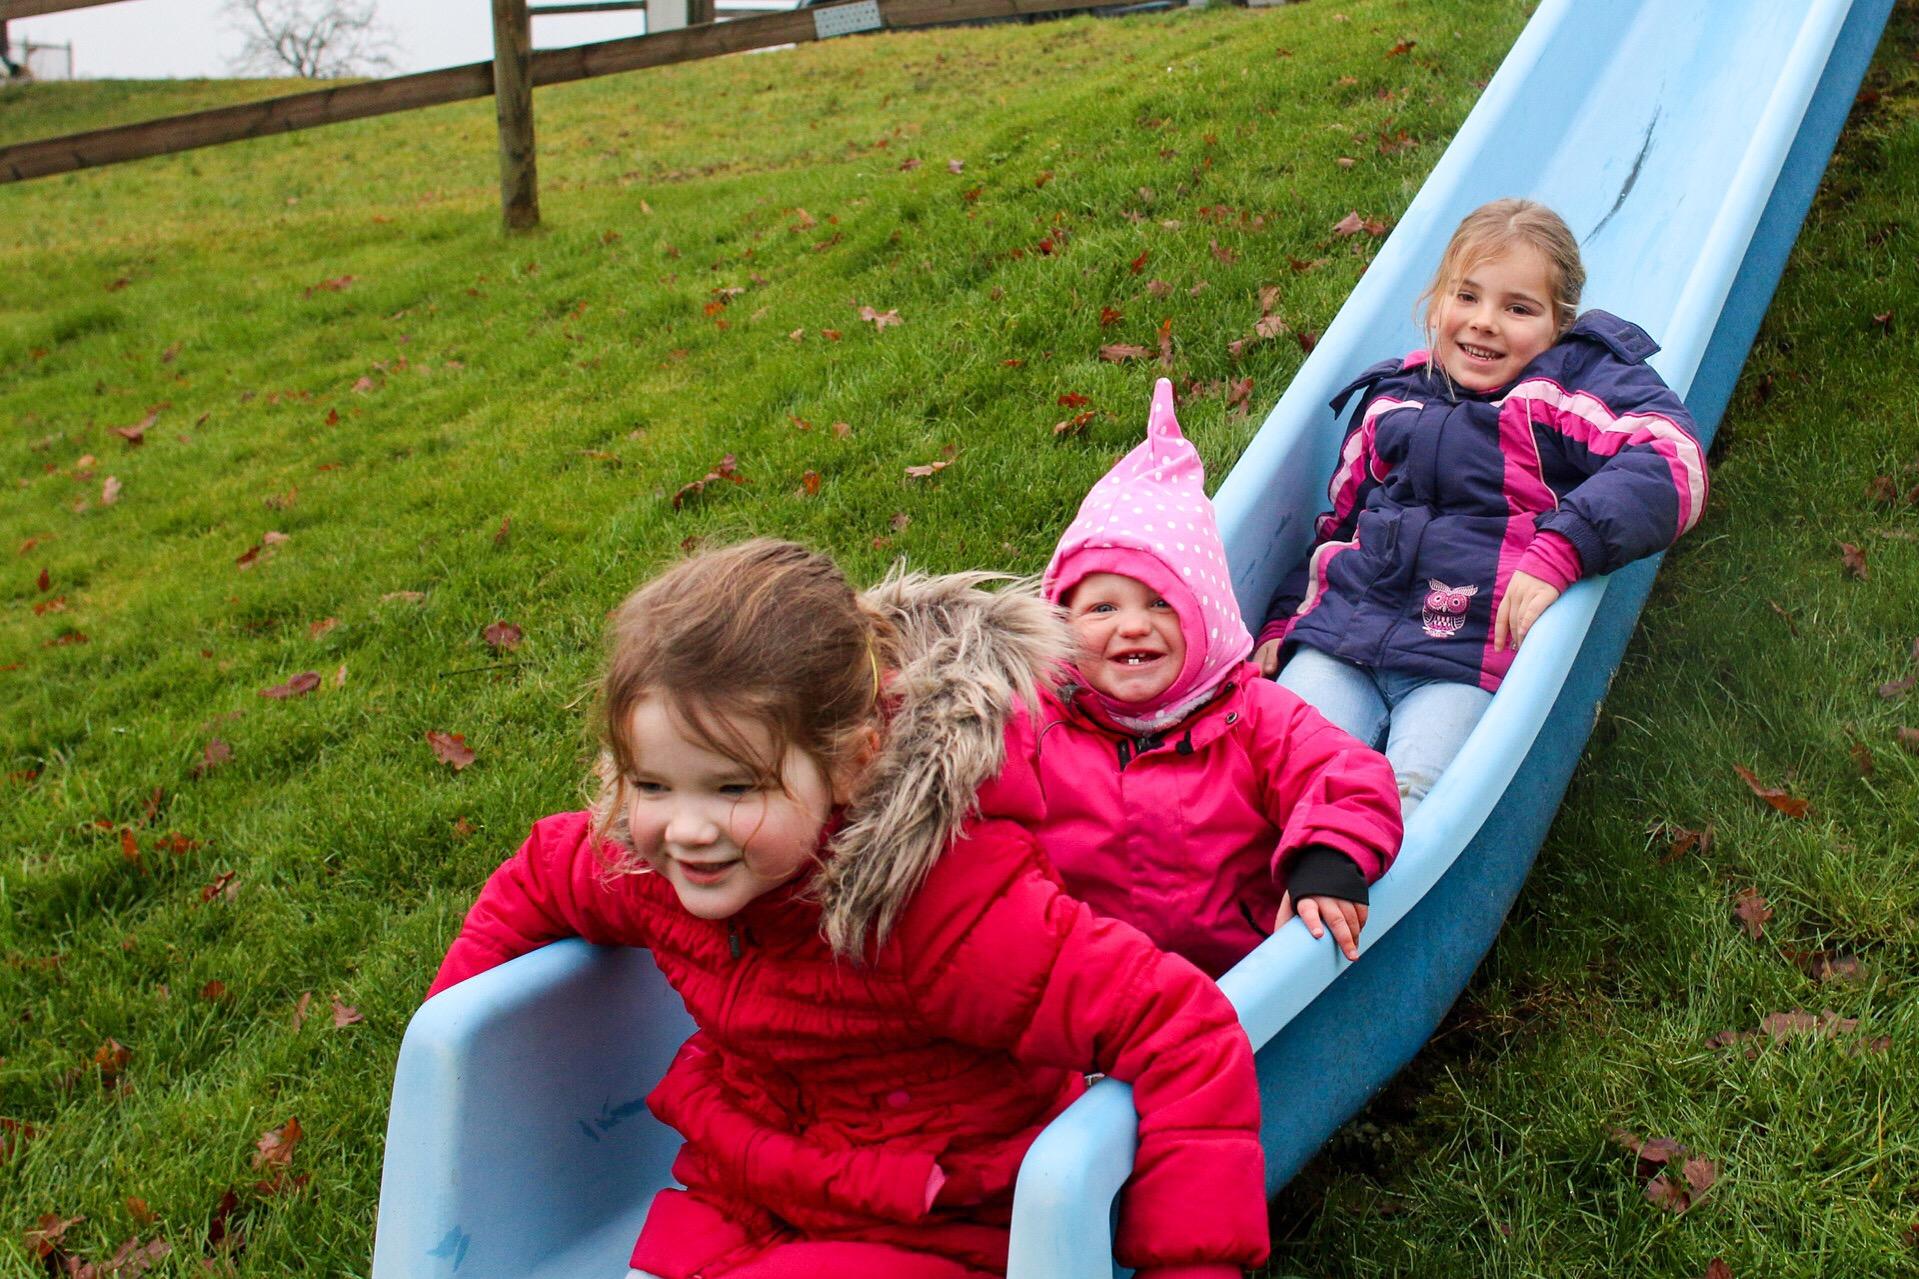 We lopen 's middags de berg op en daar spelen de meiden even. Leuk om te zien hoe Liza zich aan die grote meiden optrekt.